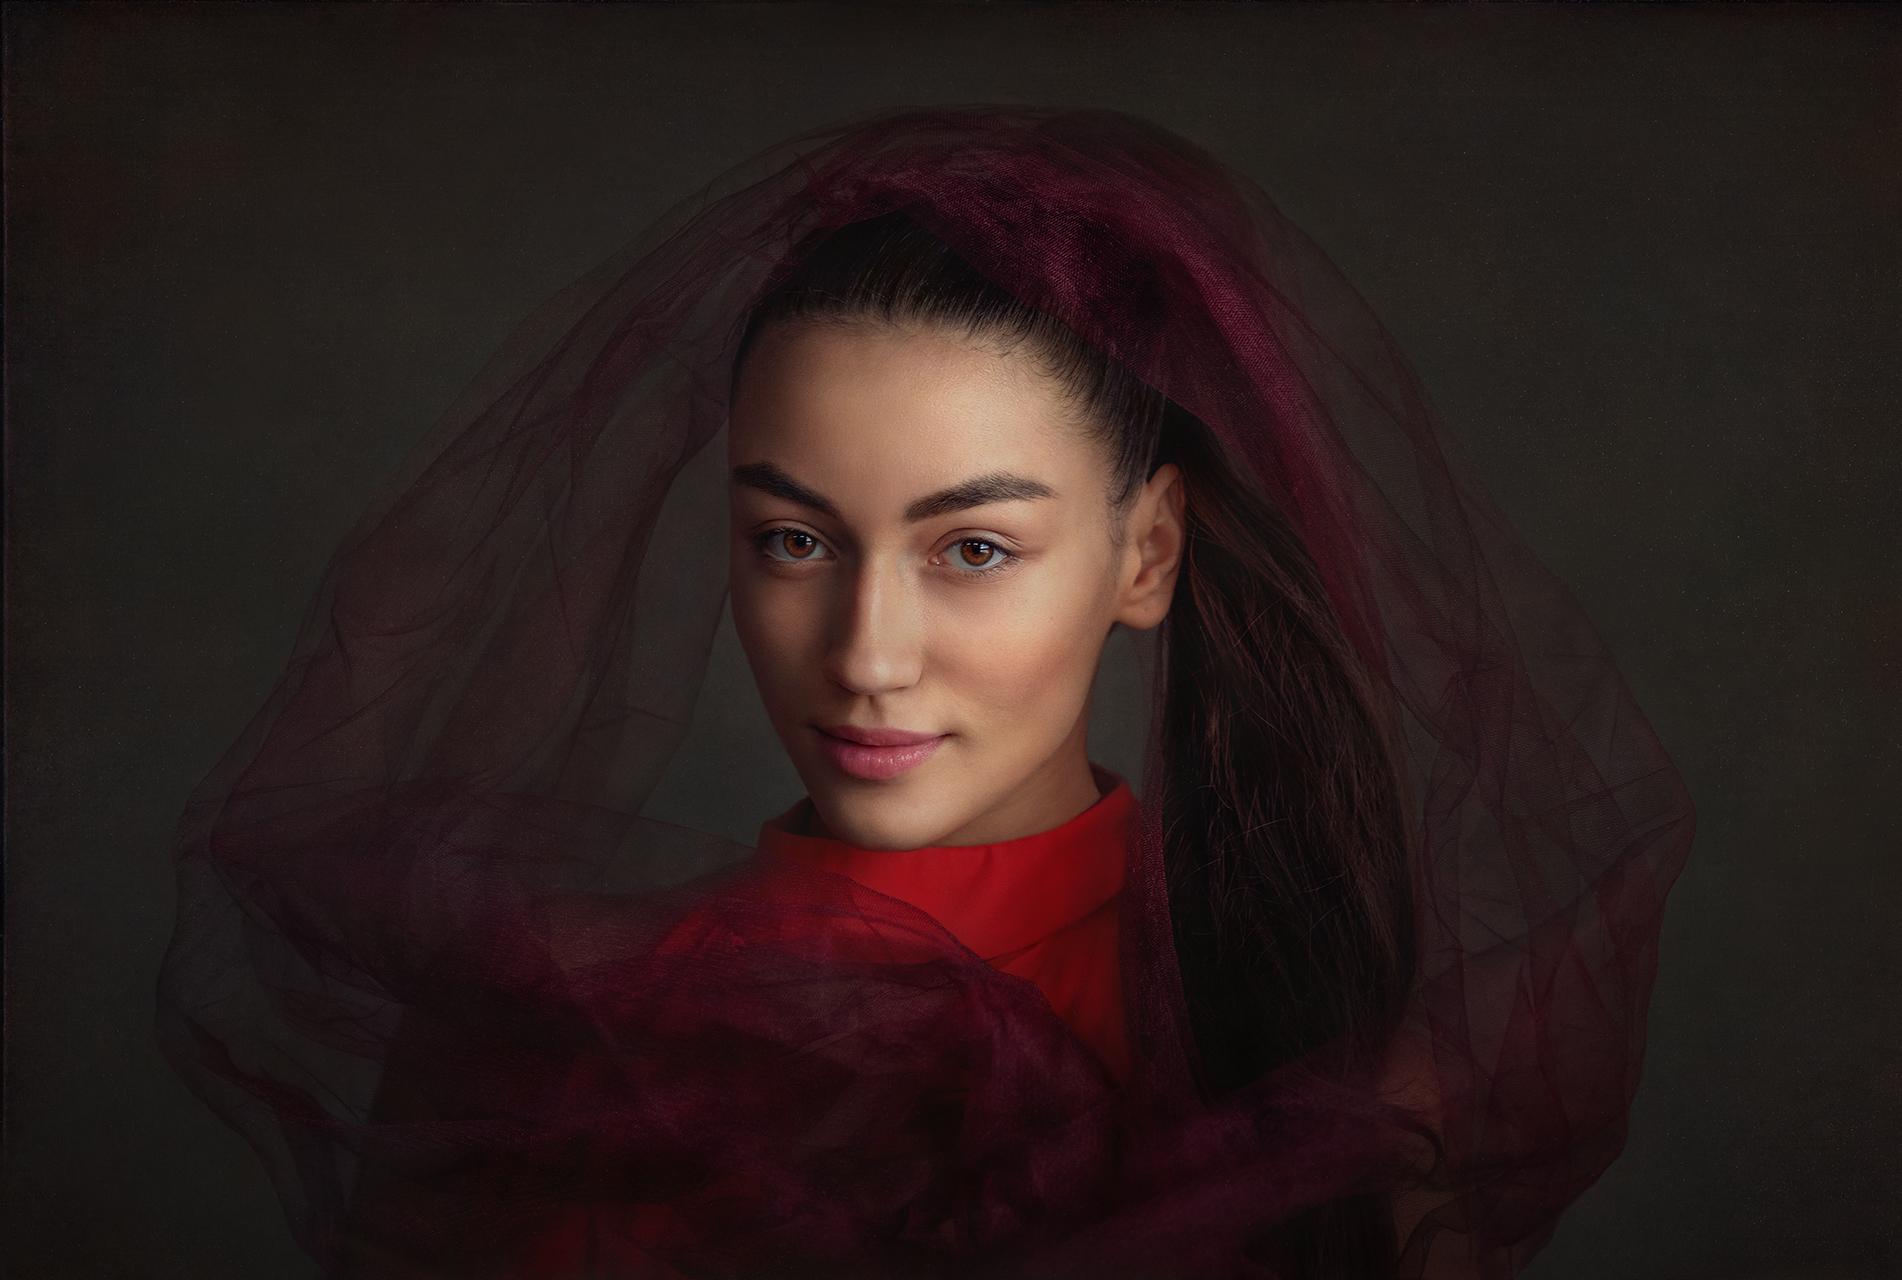 Portrait of a young beauty от Krassik Kolev - krassik